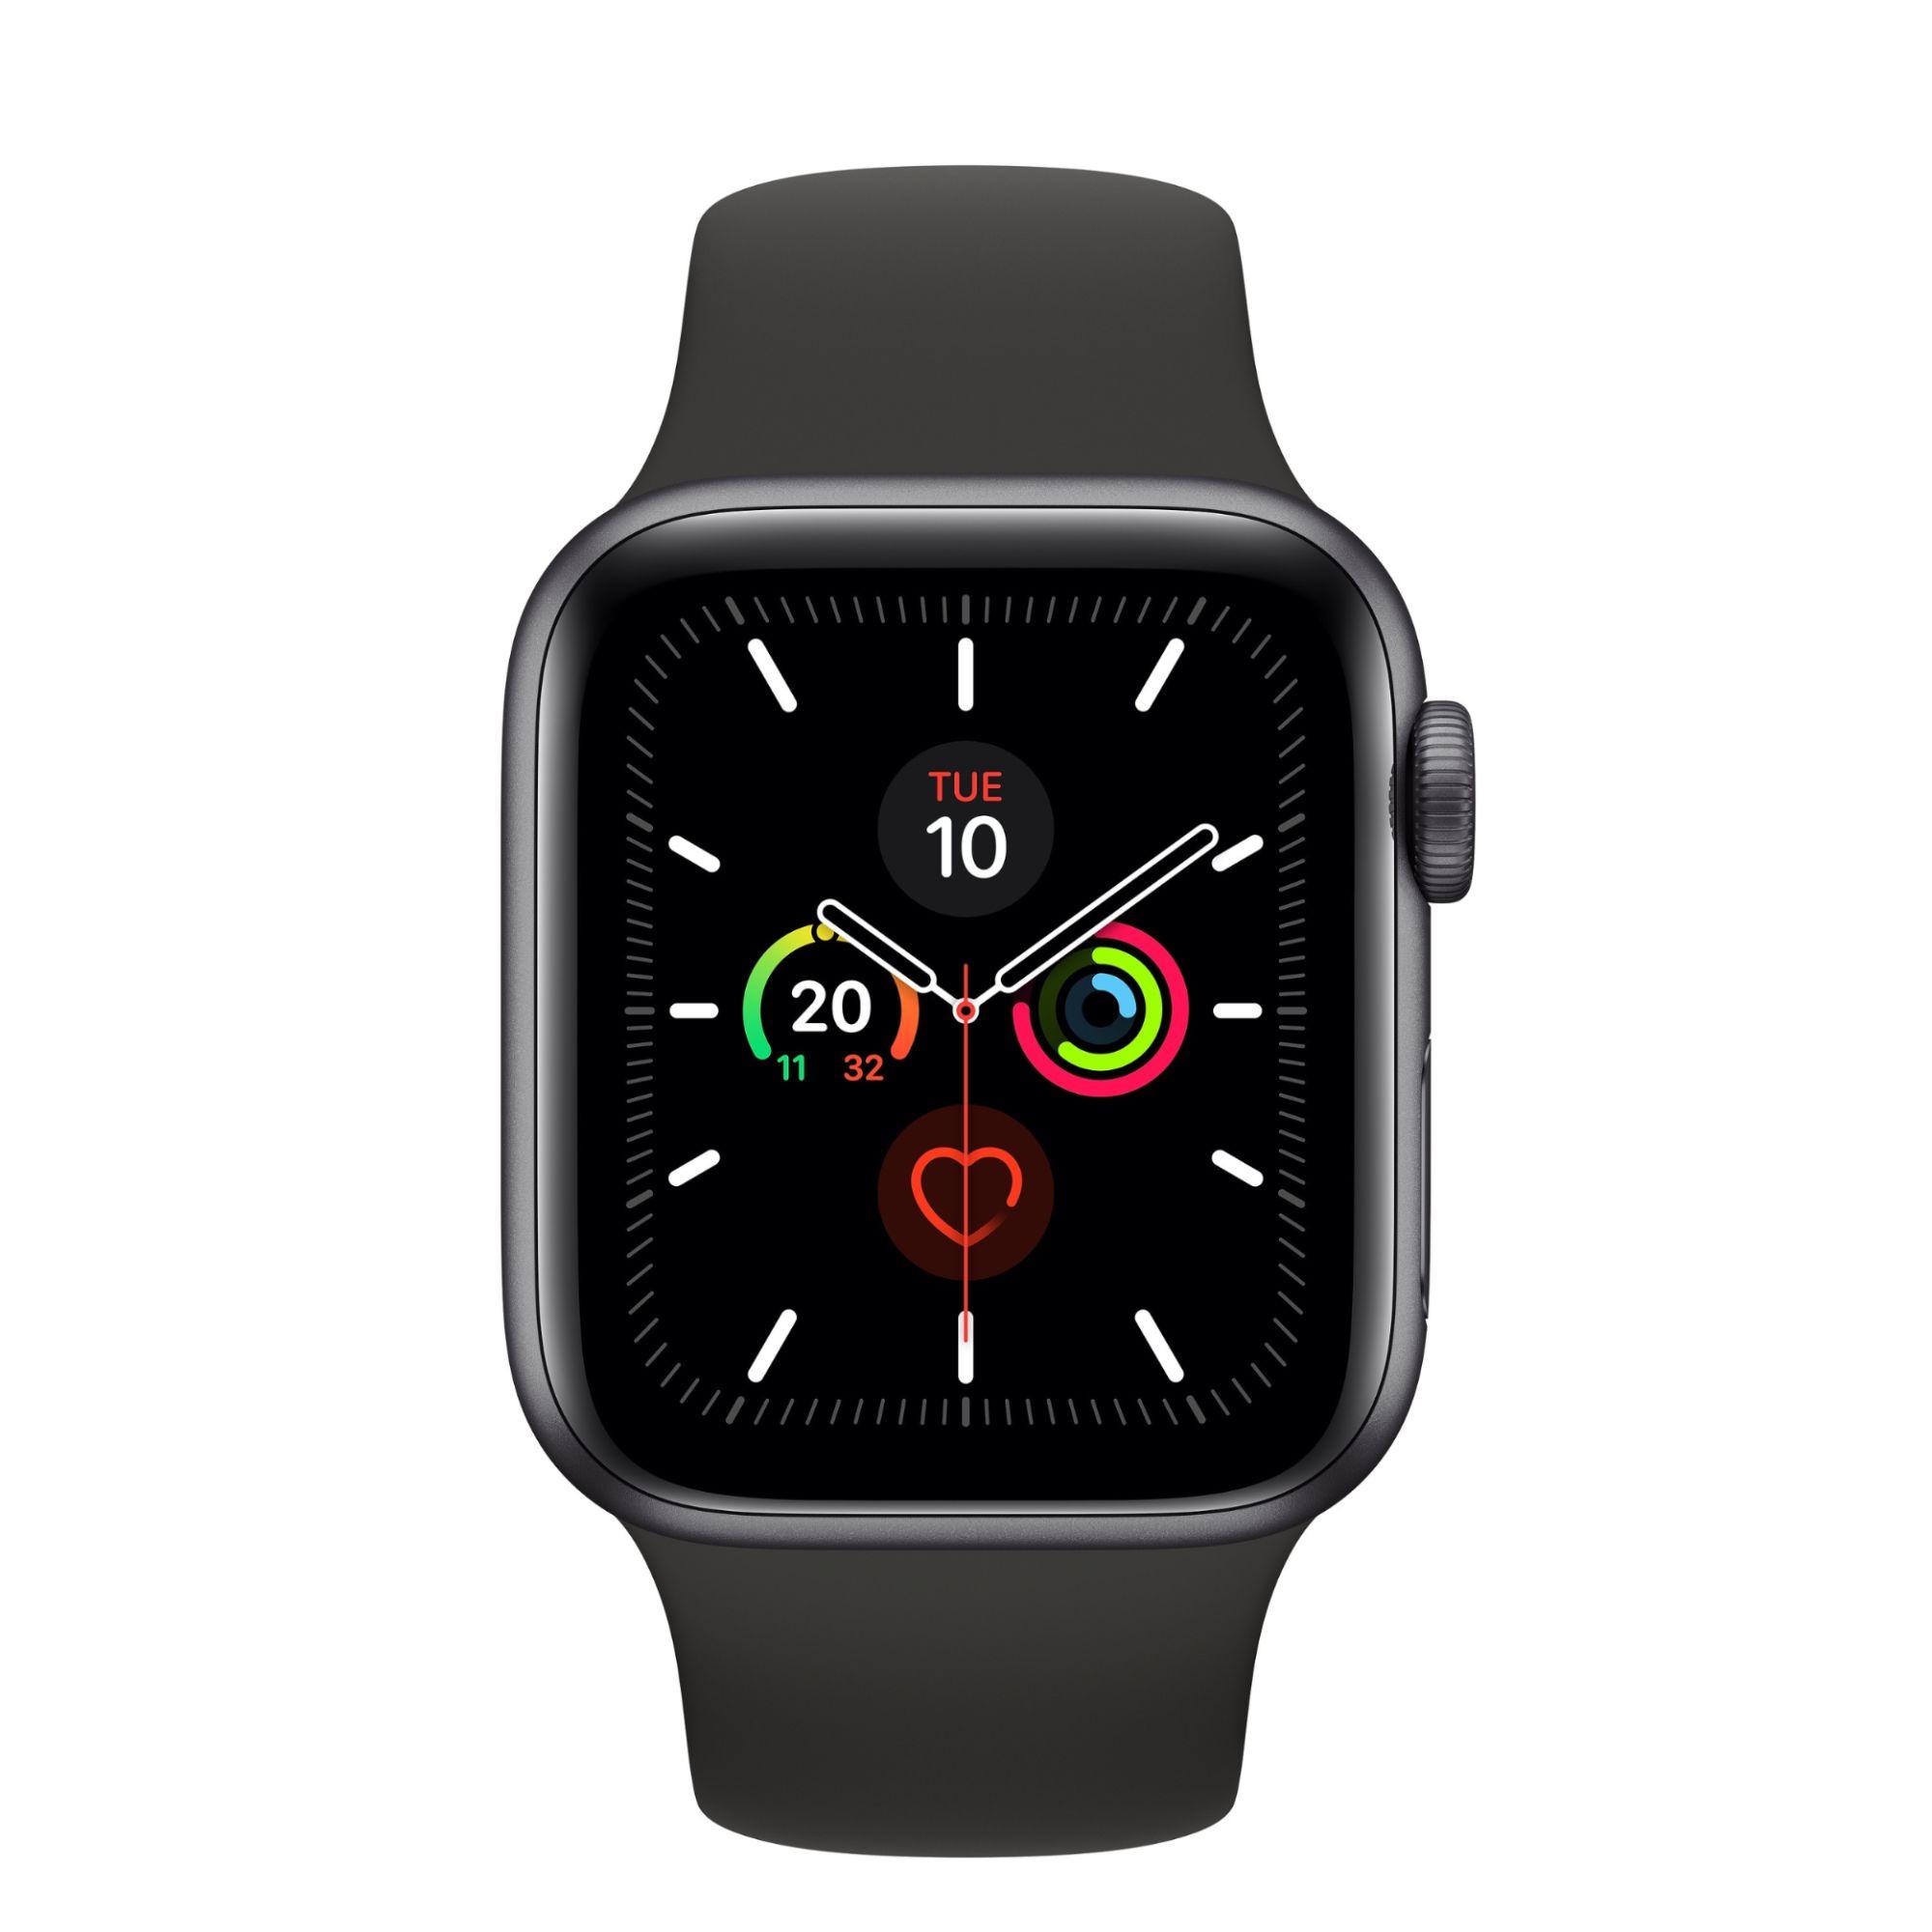 Montre connectée Apple Watch Series 5 GPS - 40mm, Bracelet sport Gris sidéral (+ 34.64€ en SuperPoints)